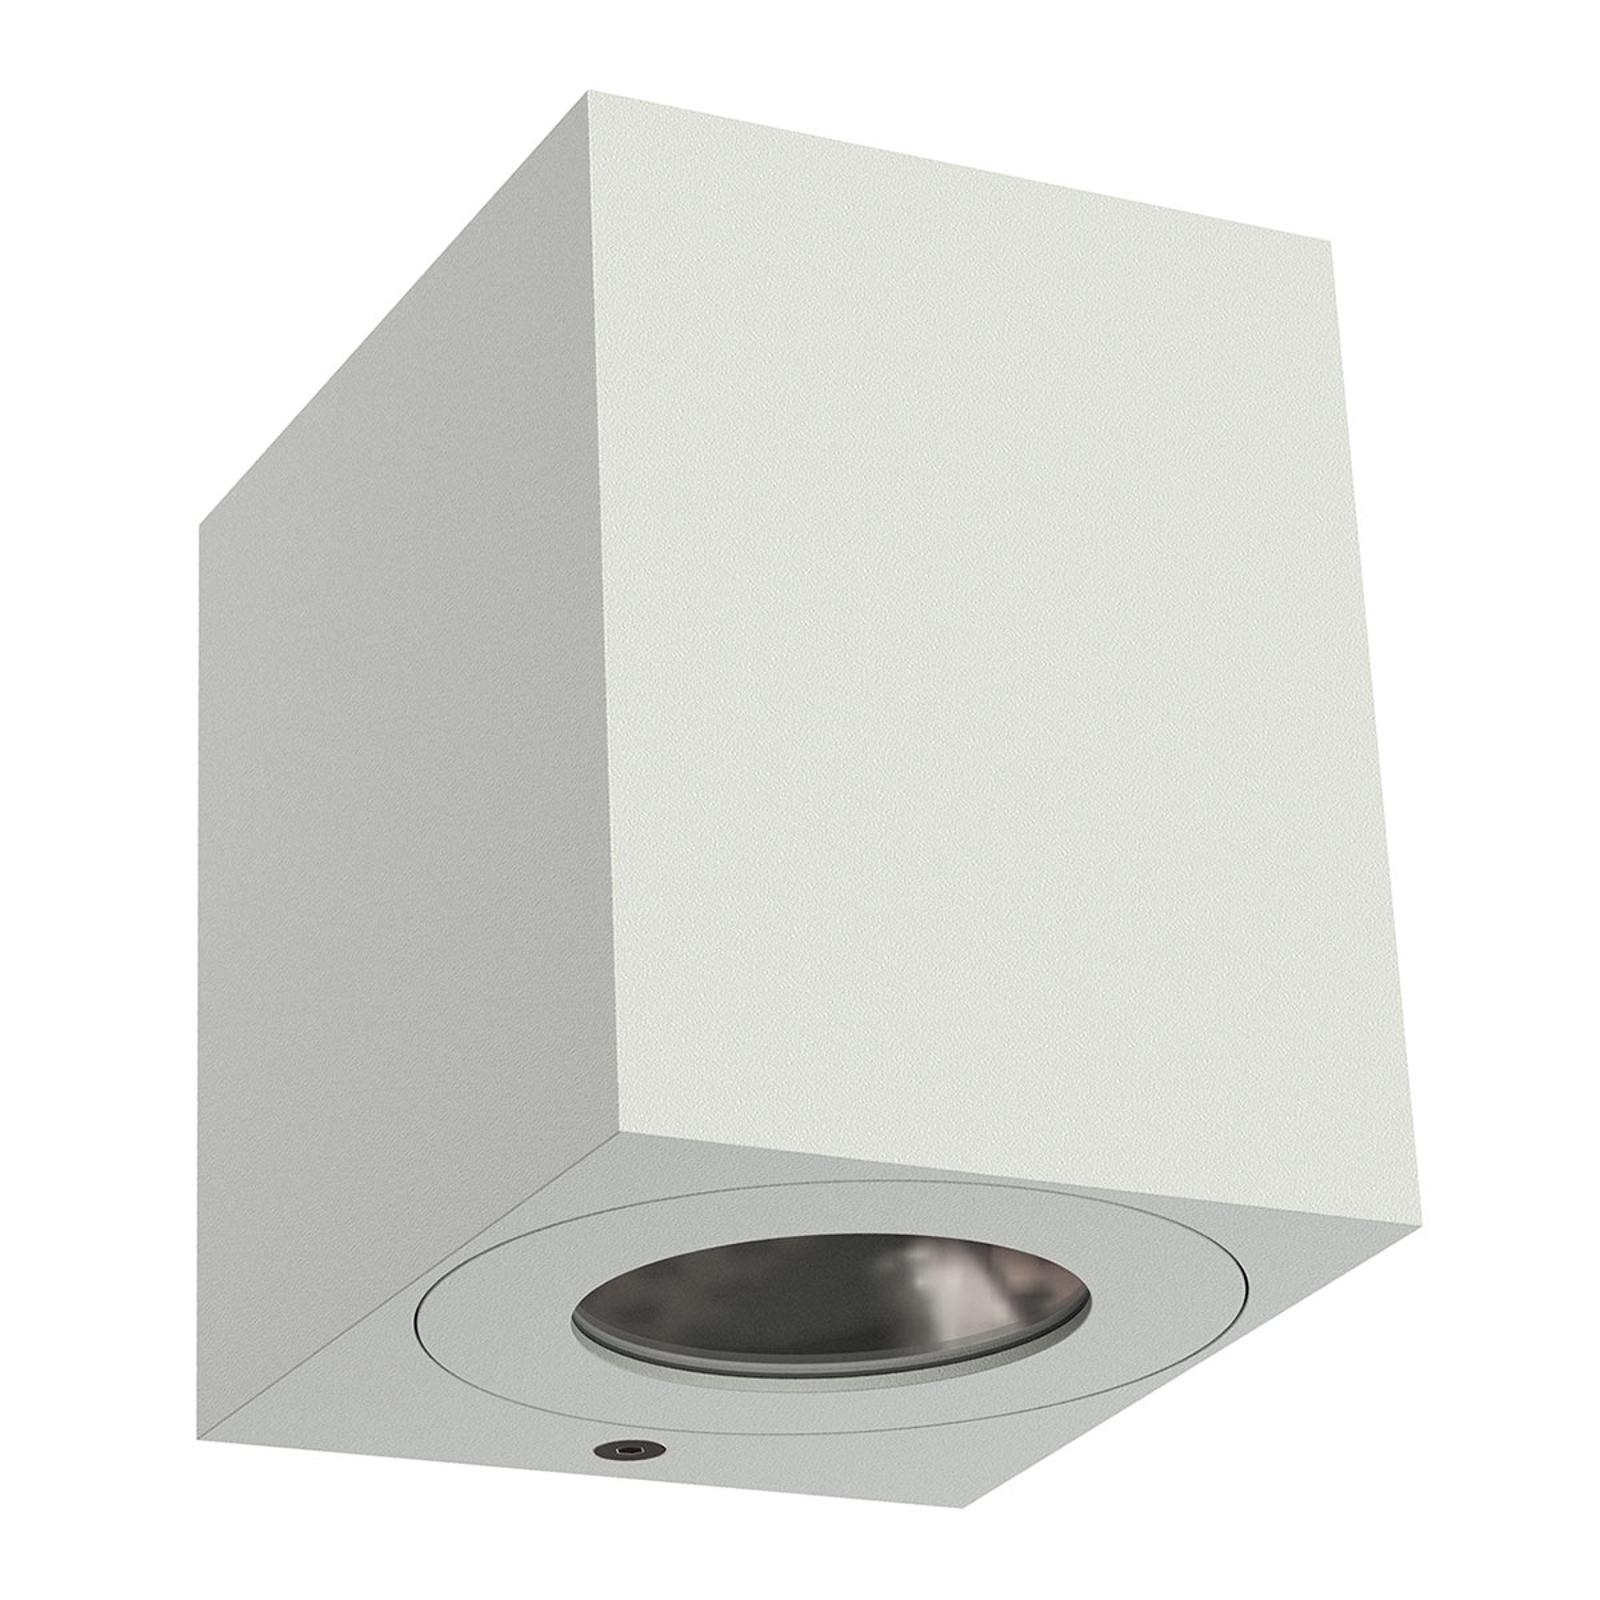 Applique d'ext. LED Canto Kubi 2, 10cm, blanche